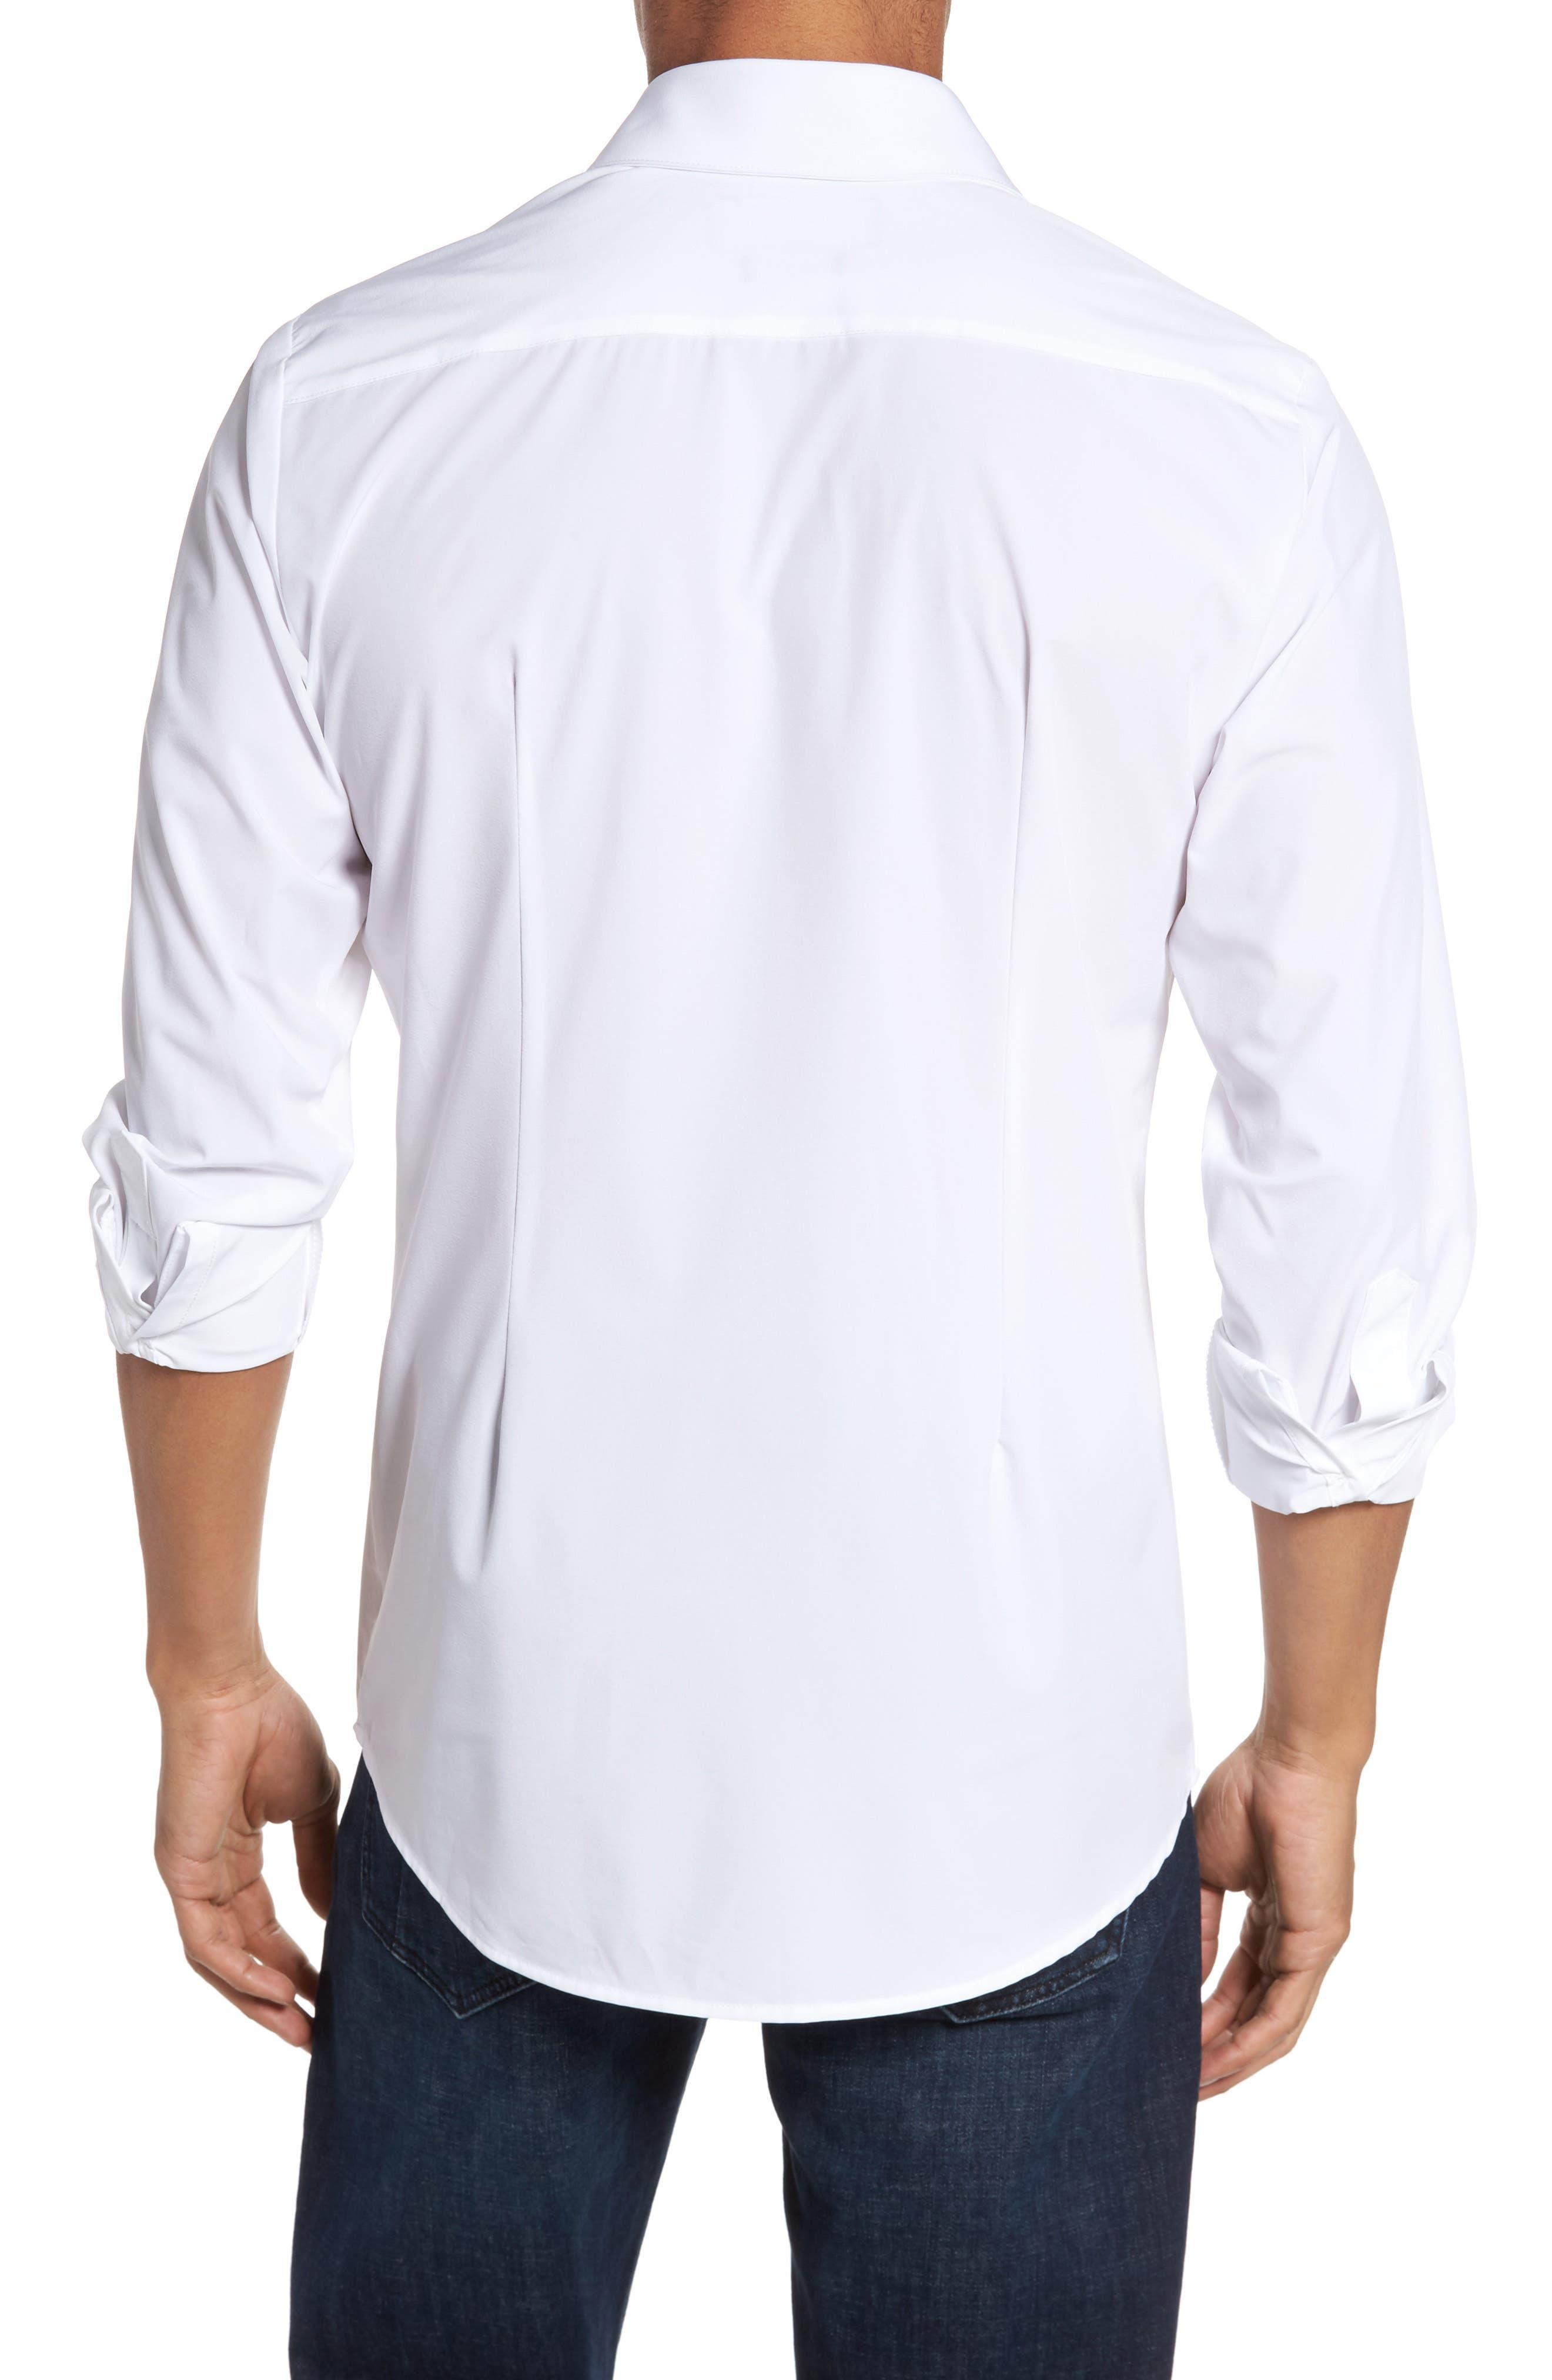 Stockton Sport Shirt,                             Alternate thumbnail 3, color,                             White